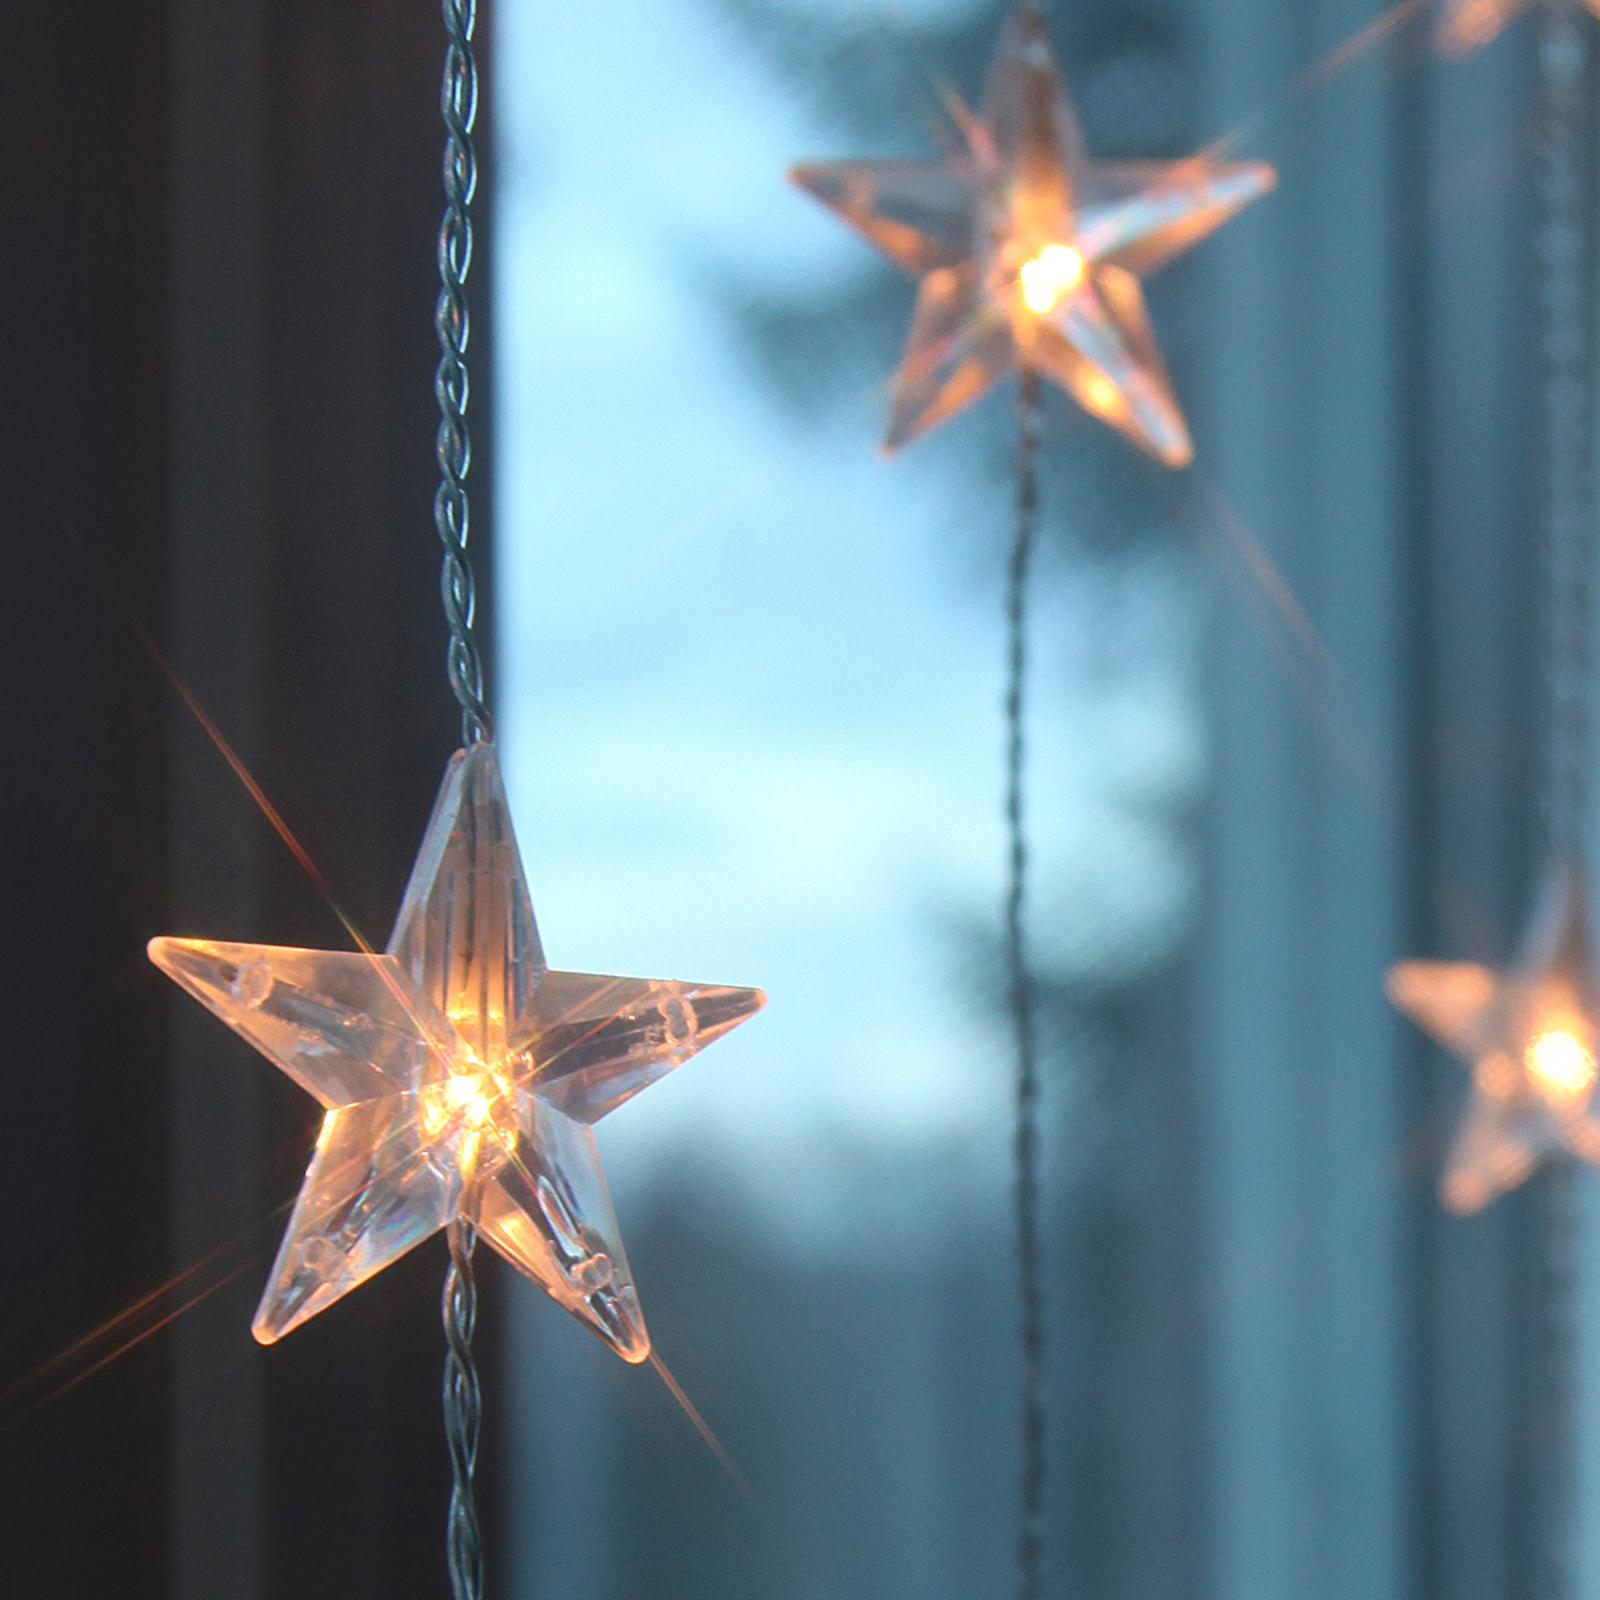 tio strängar - LED-Ljusgardin Star 20-ljuskällor.